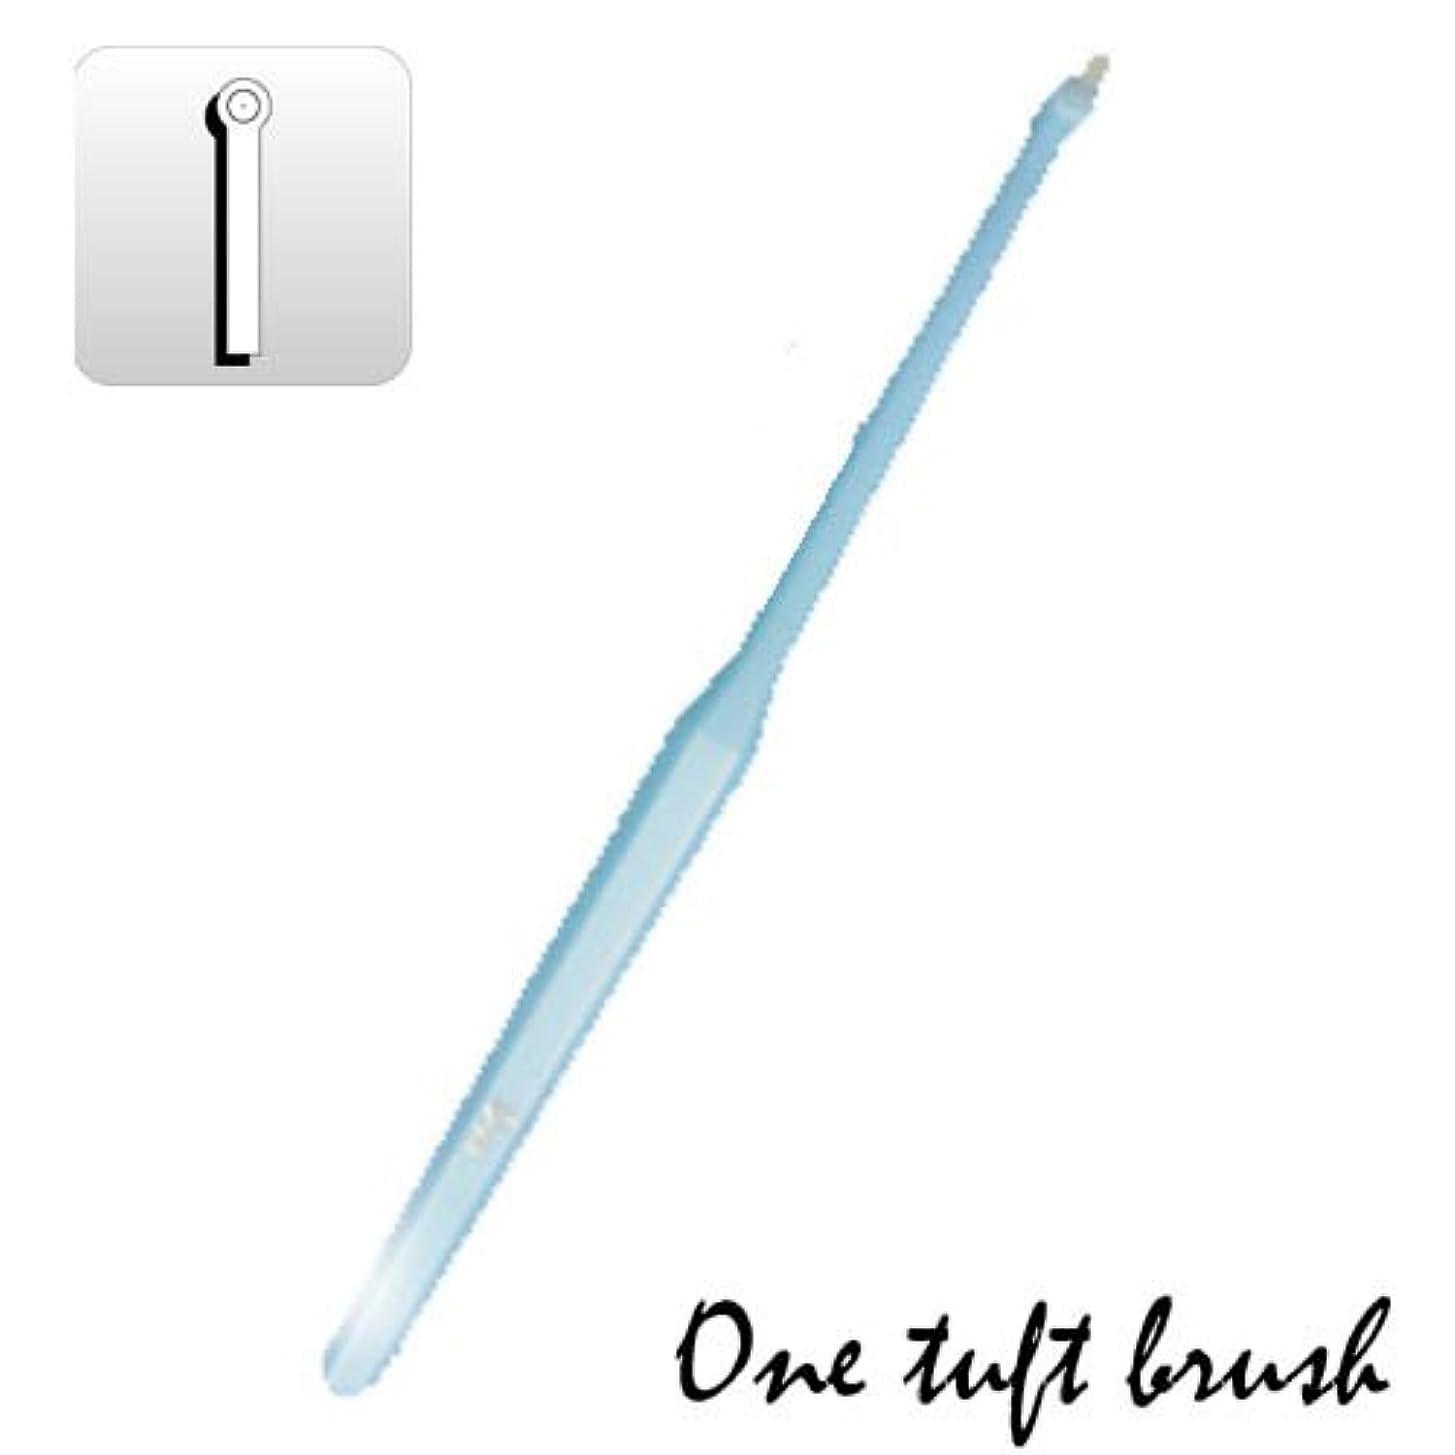 健康バイアスレンダリング歯科向き 矯正中 磨きにくい部位までしっかり すっきり 【 One ワンタフト ブルー 3本セット】 歯ブラシ